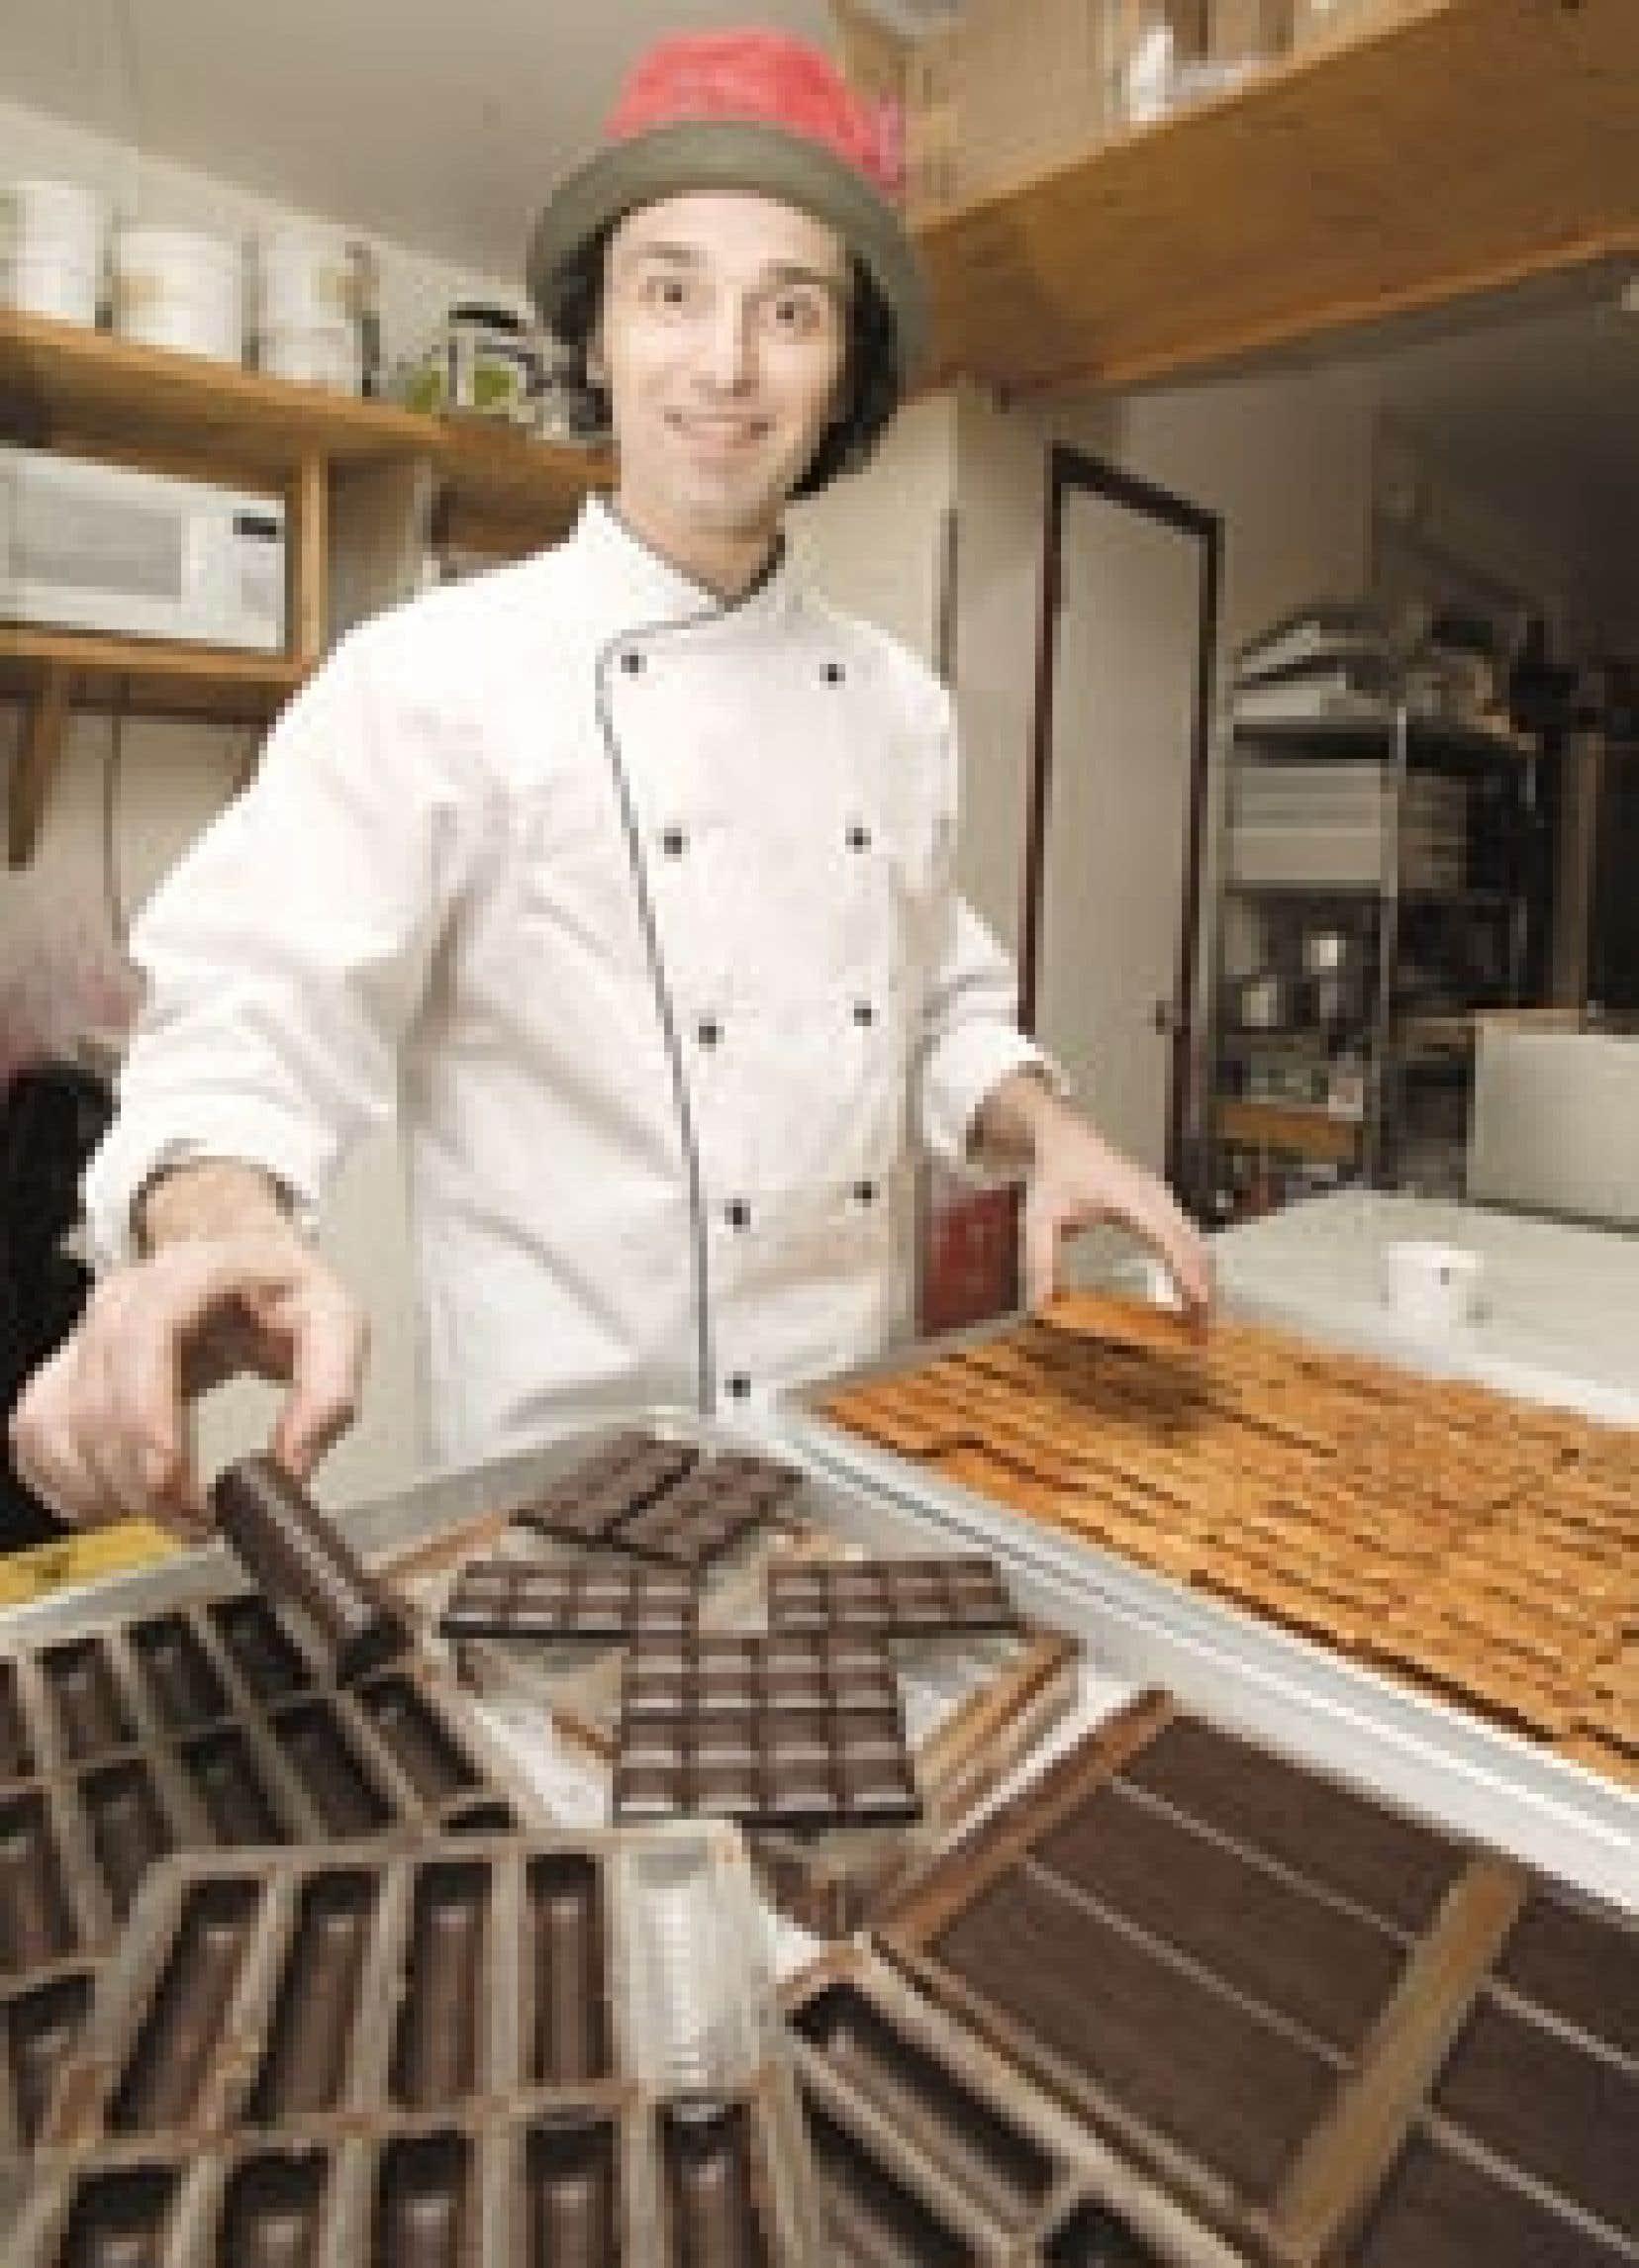 Le pâtissier-chocolatier Frank Dury Pavet dans sa boutique Fous Desserts, avenue Laurier à Montréal.